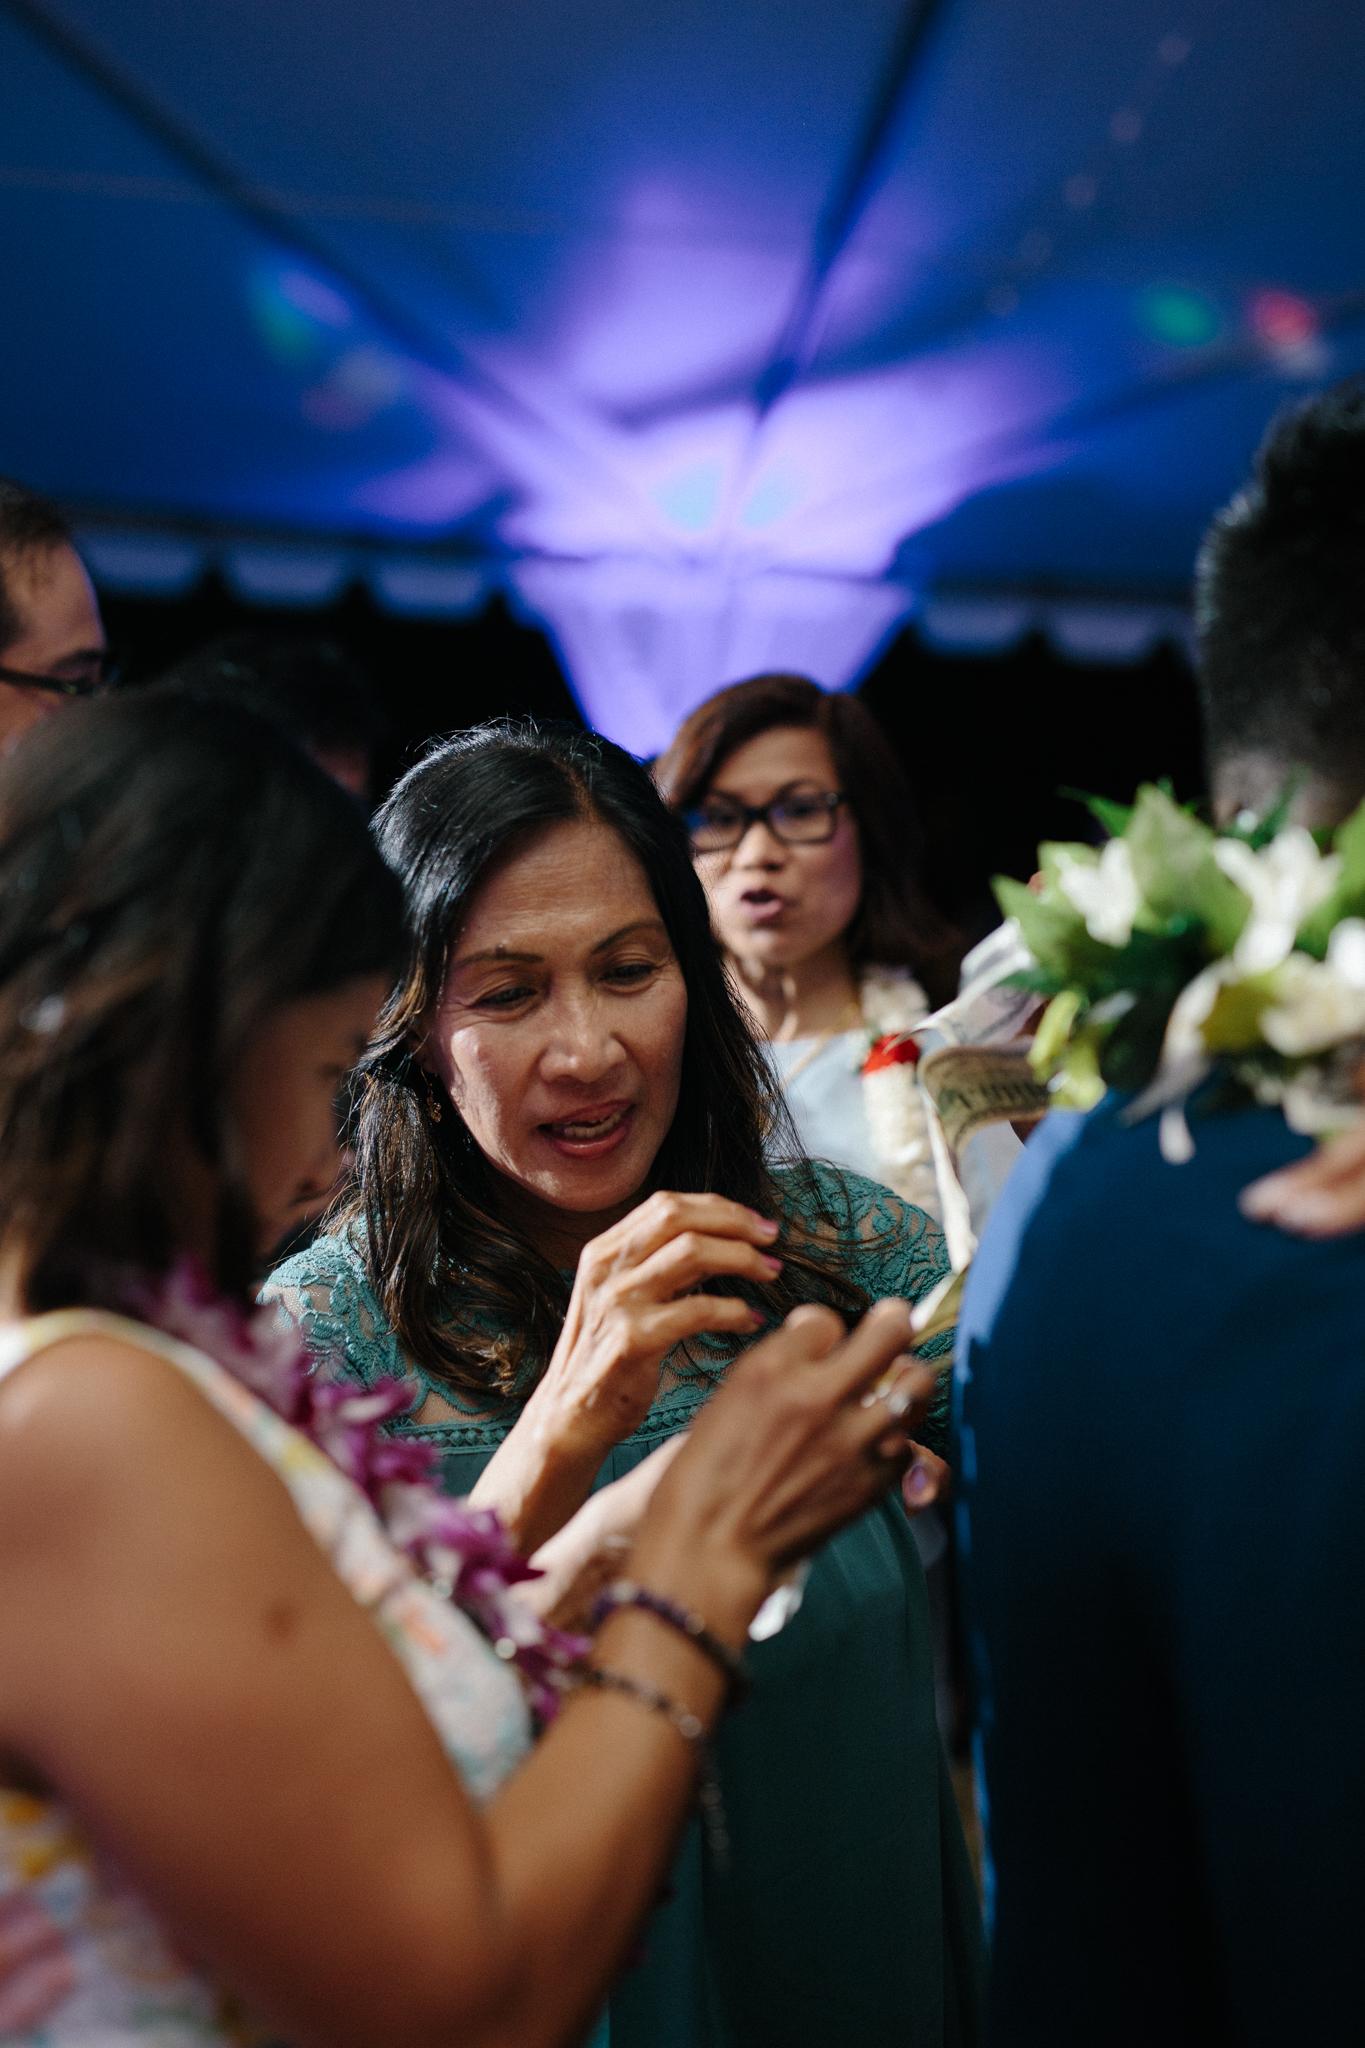 kualoa_ranch_wedding_photography_tone_hawaii-102.jpg